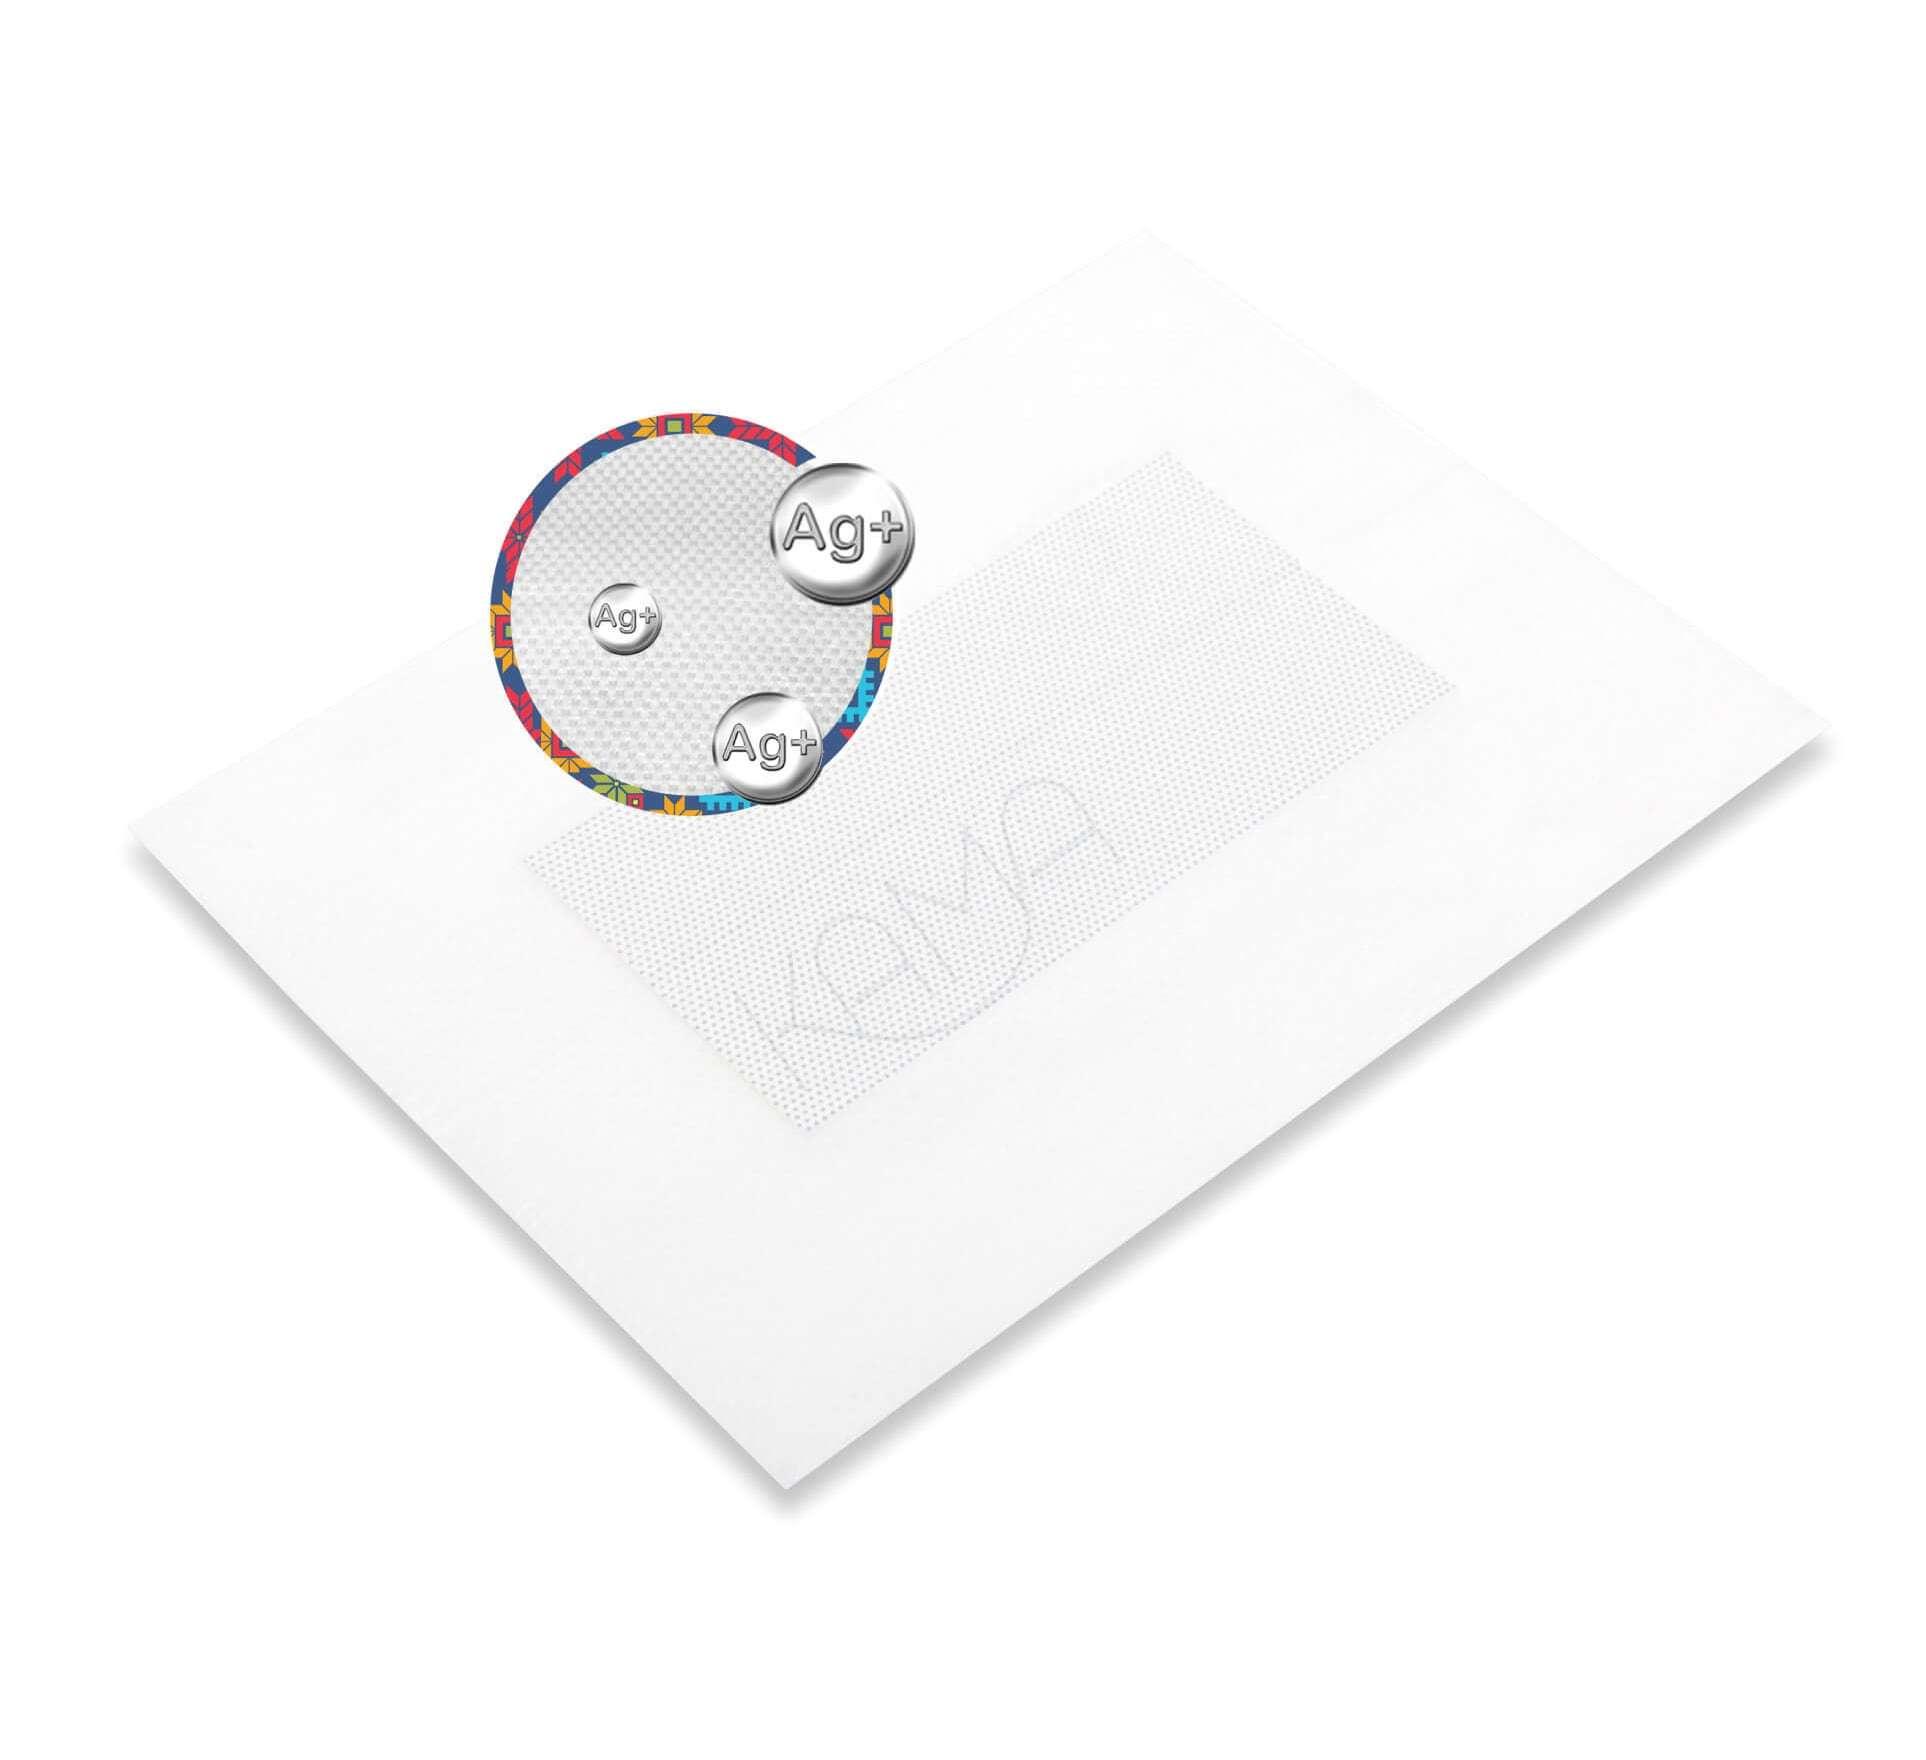 Повязка с серебром послеоперационная пластырная Барьер Аг 10x15 см